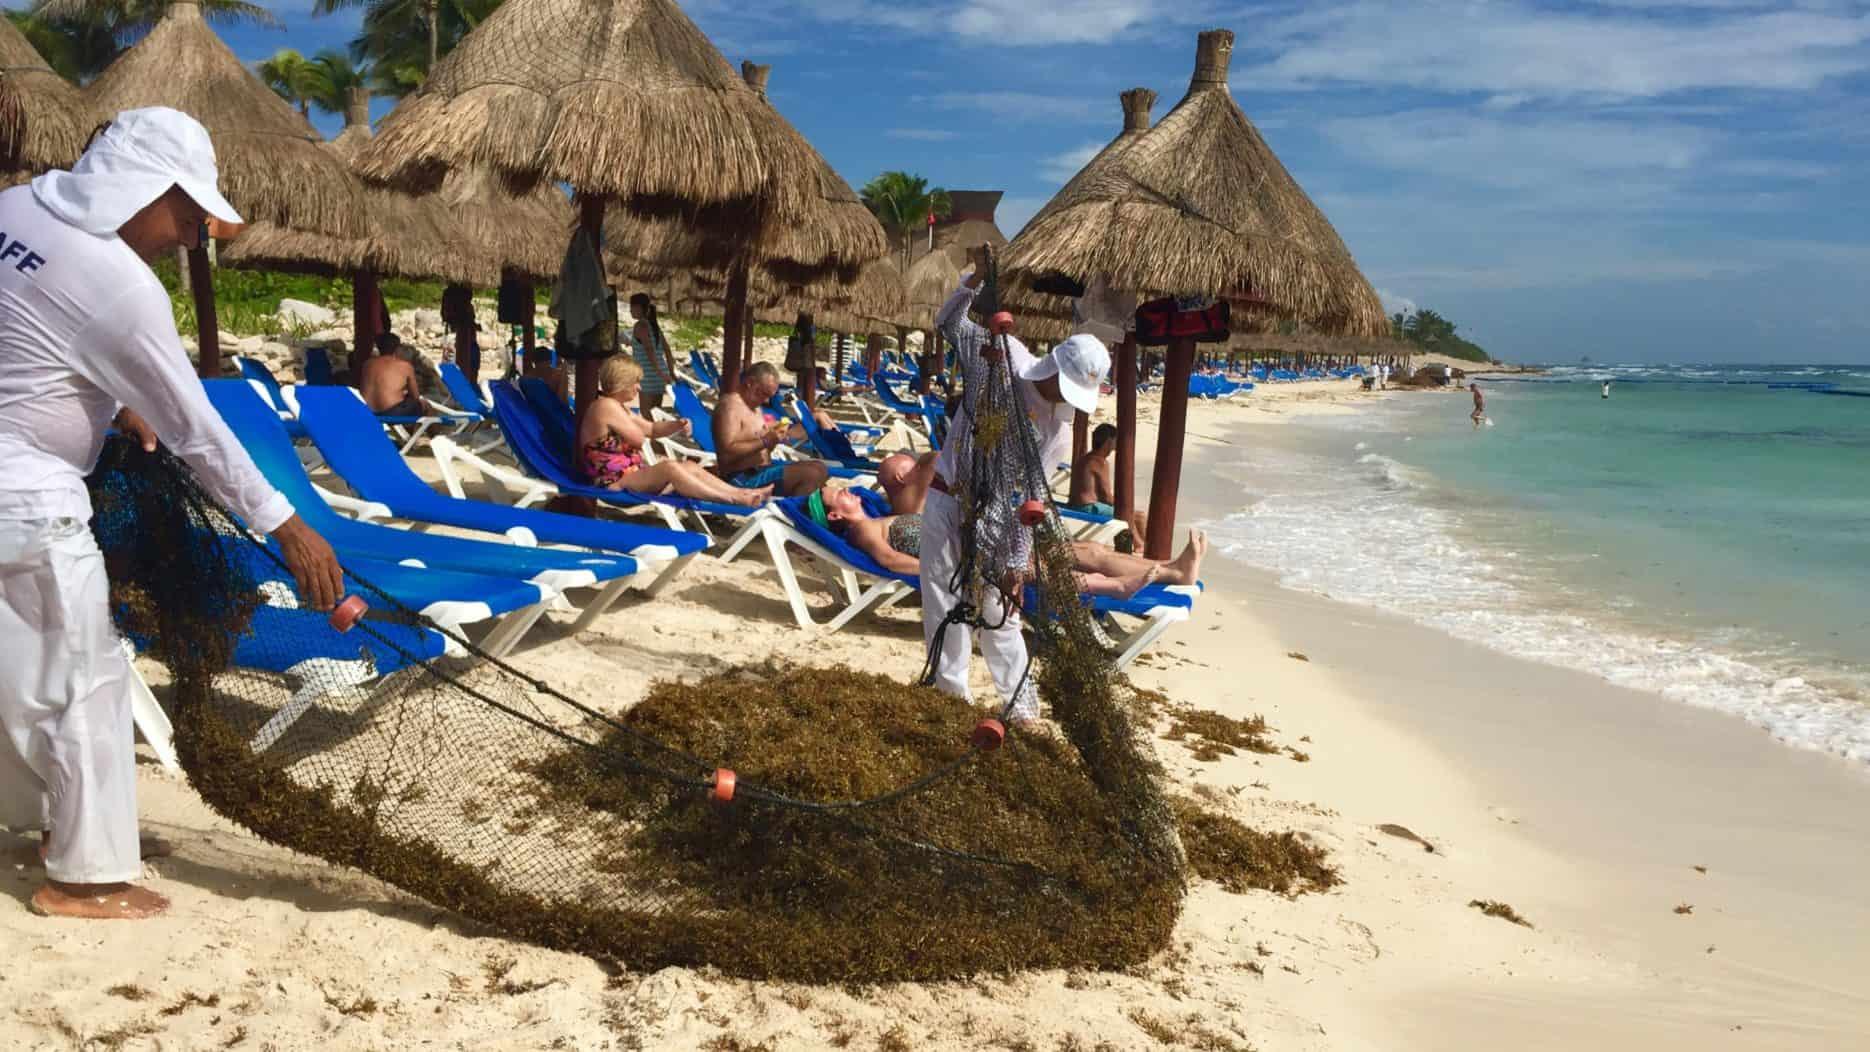 sargassum in the caribbean hotel problem